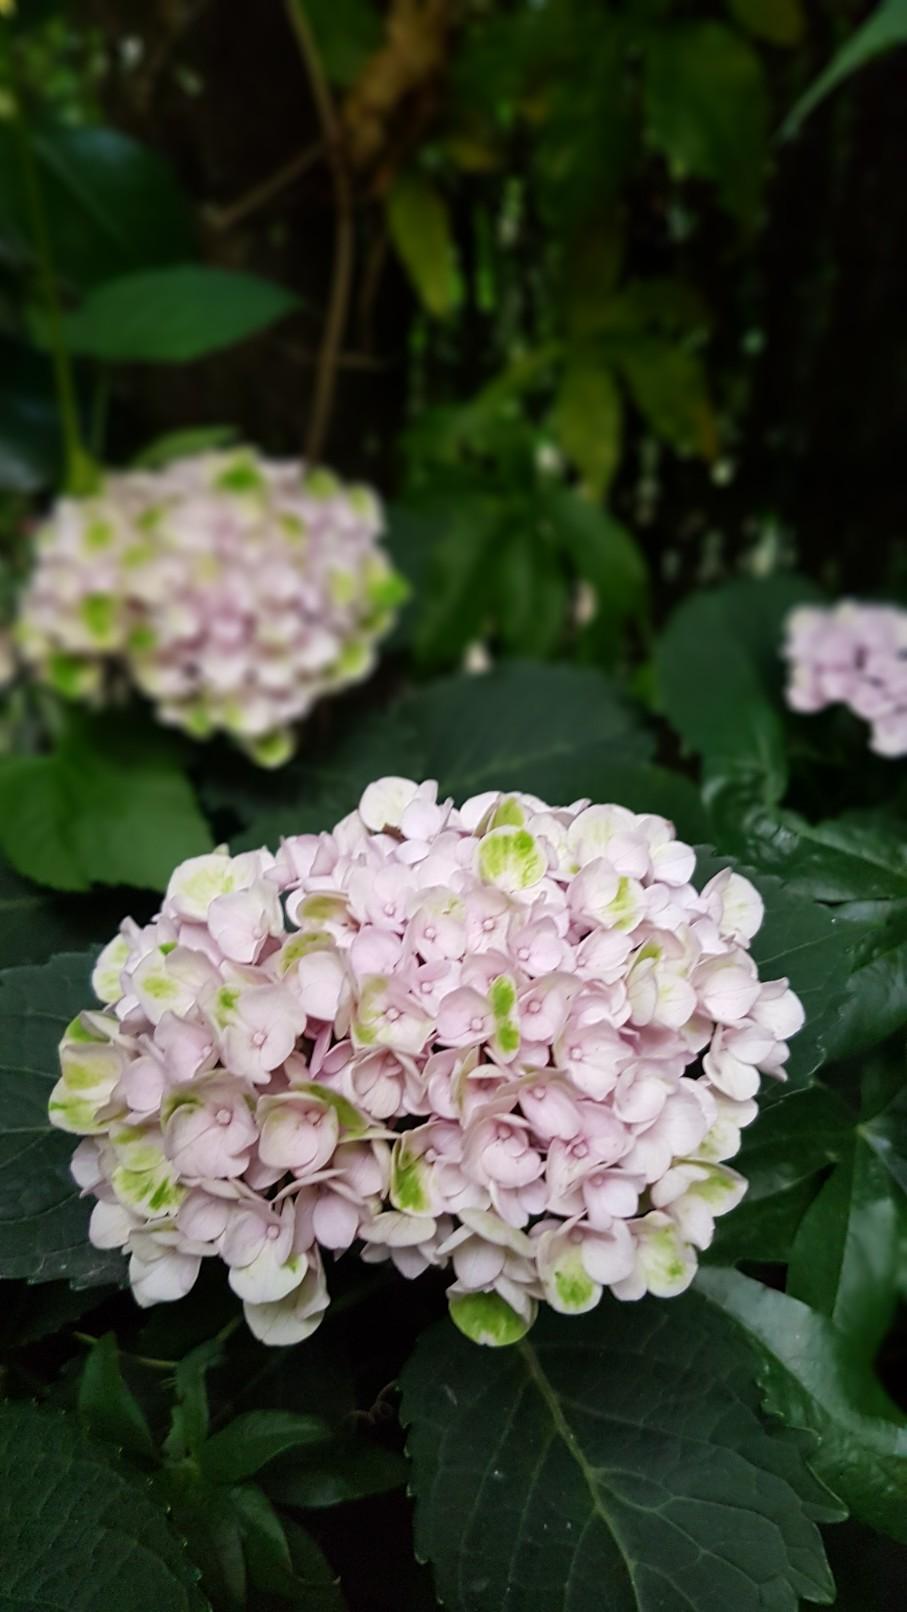 Rémi - Mon (tout) petit jardin en mode tropical - Page 9 20180947